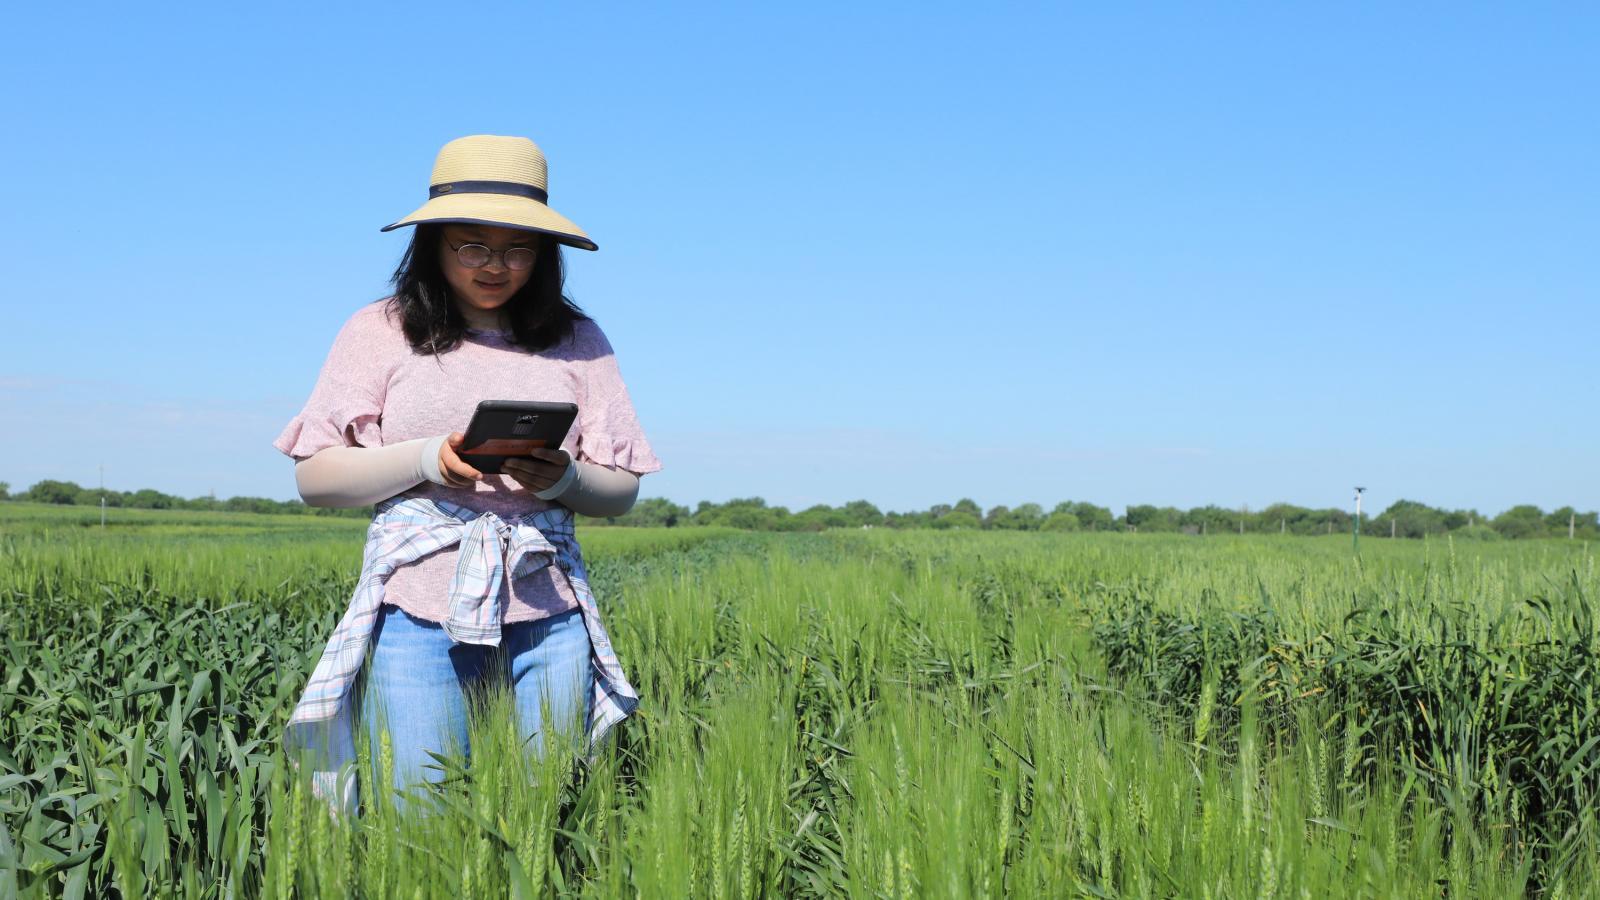 Fang Wang recording data in wheat field